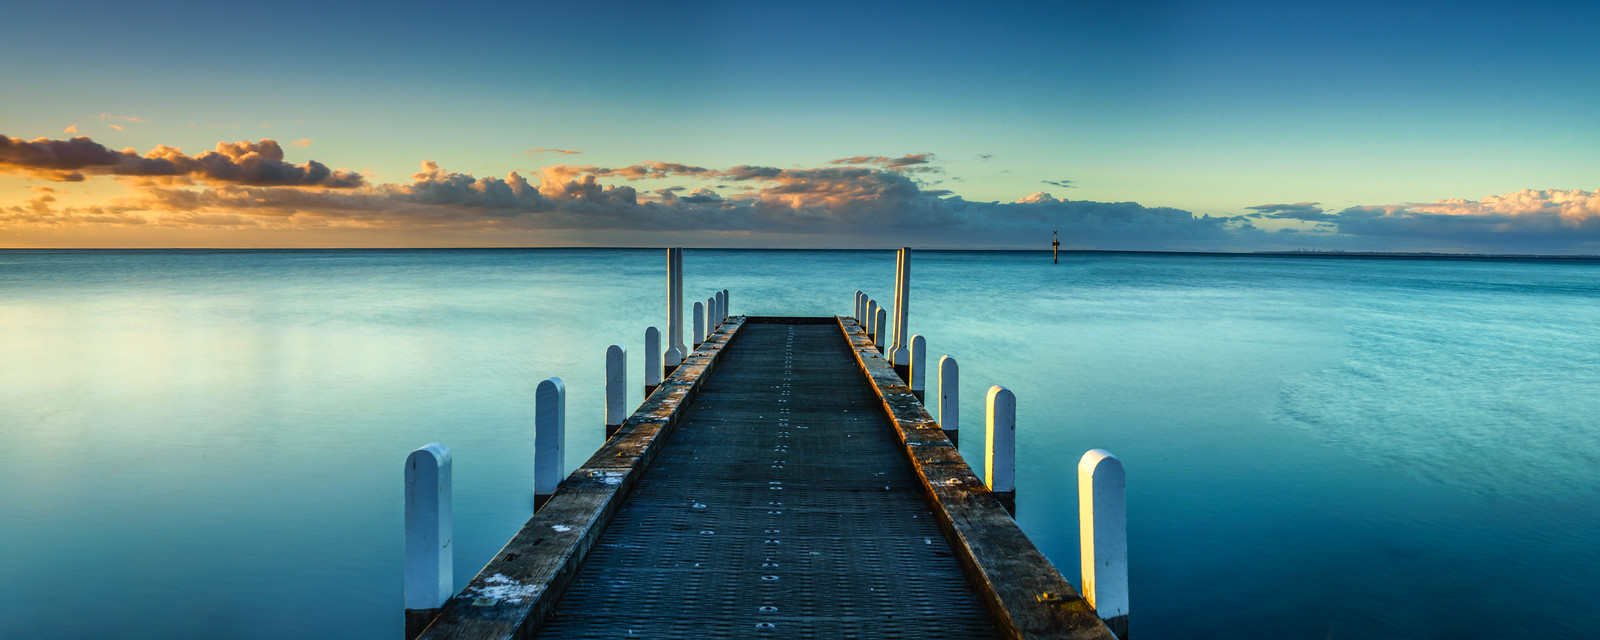 Oliver's Hill Pier, Frankston South, Victoria, Australia